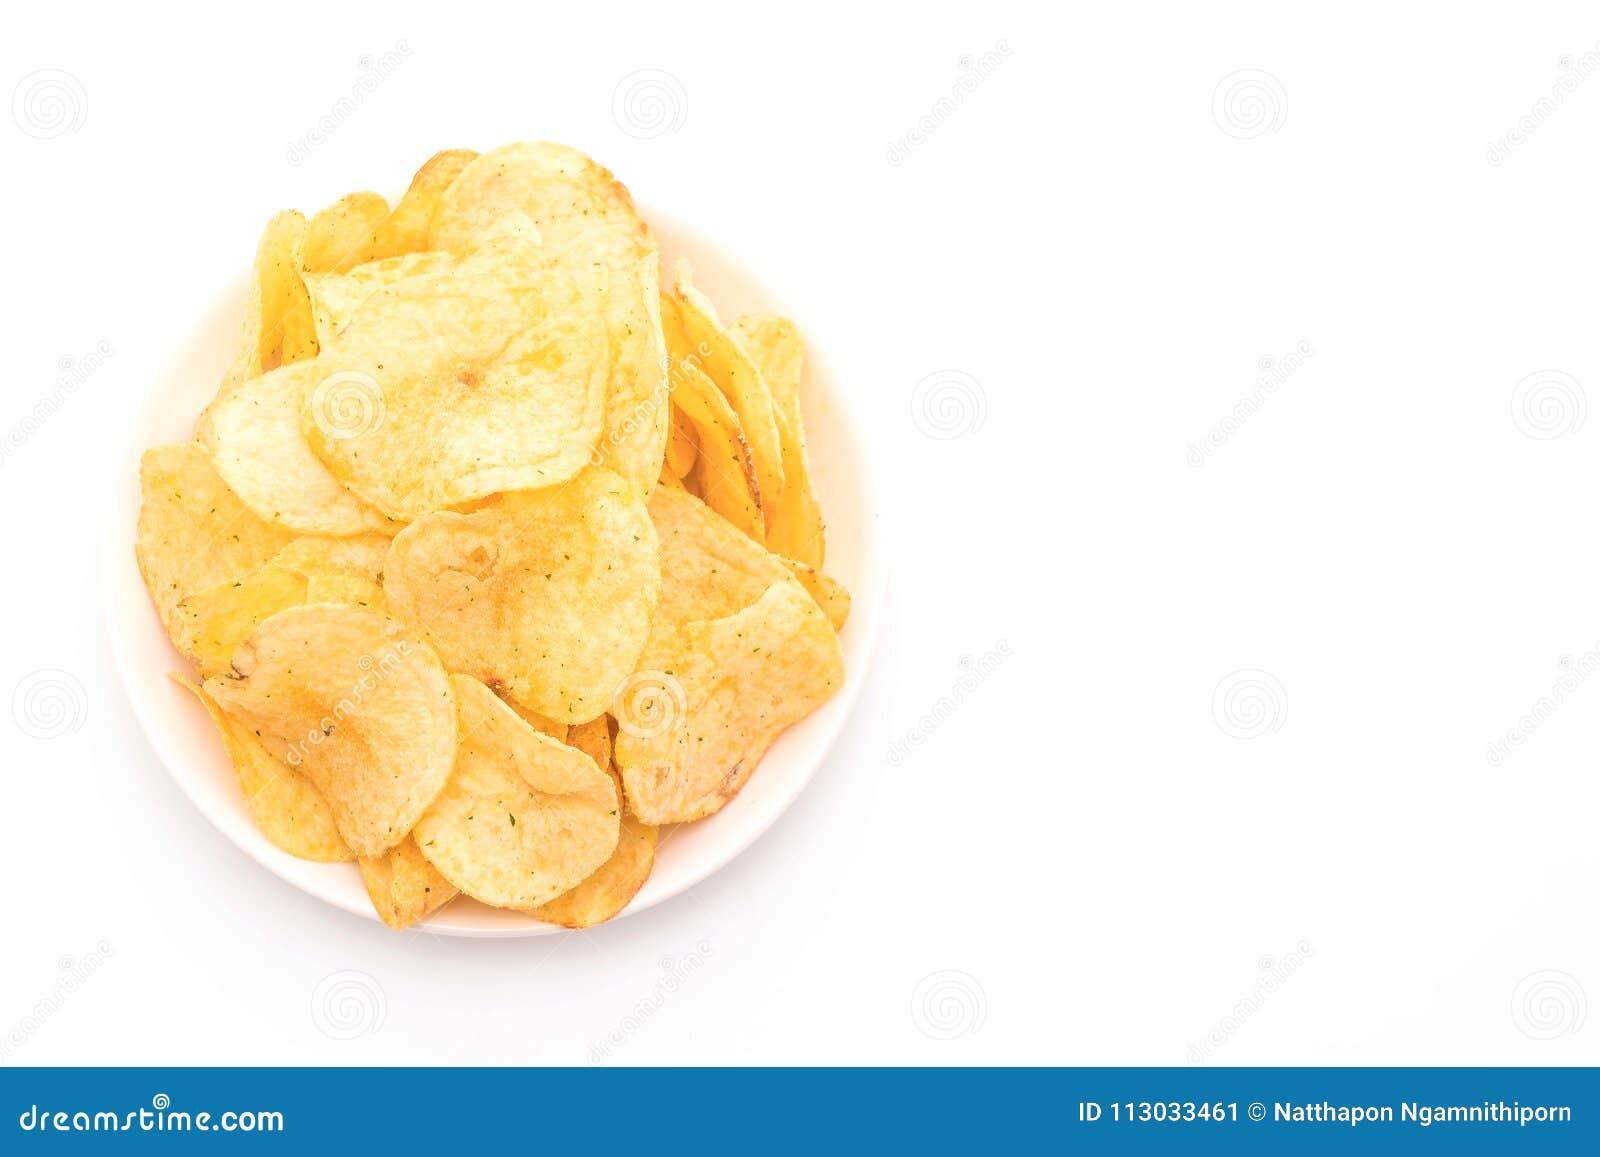 Patatas fritas en el fondo blanco